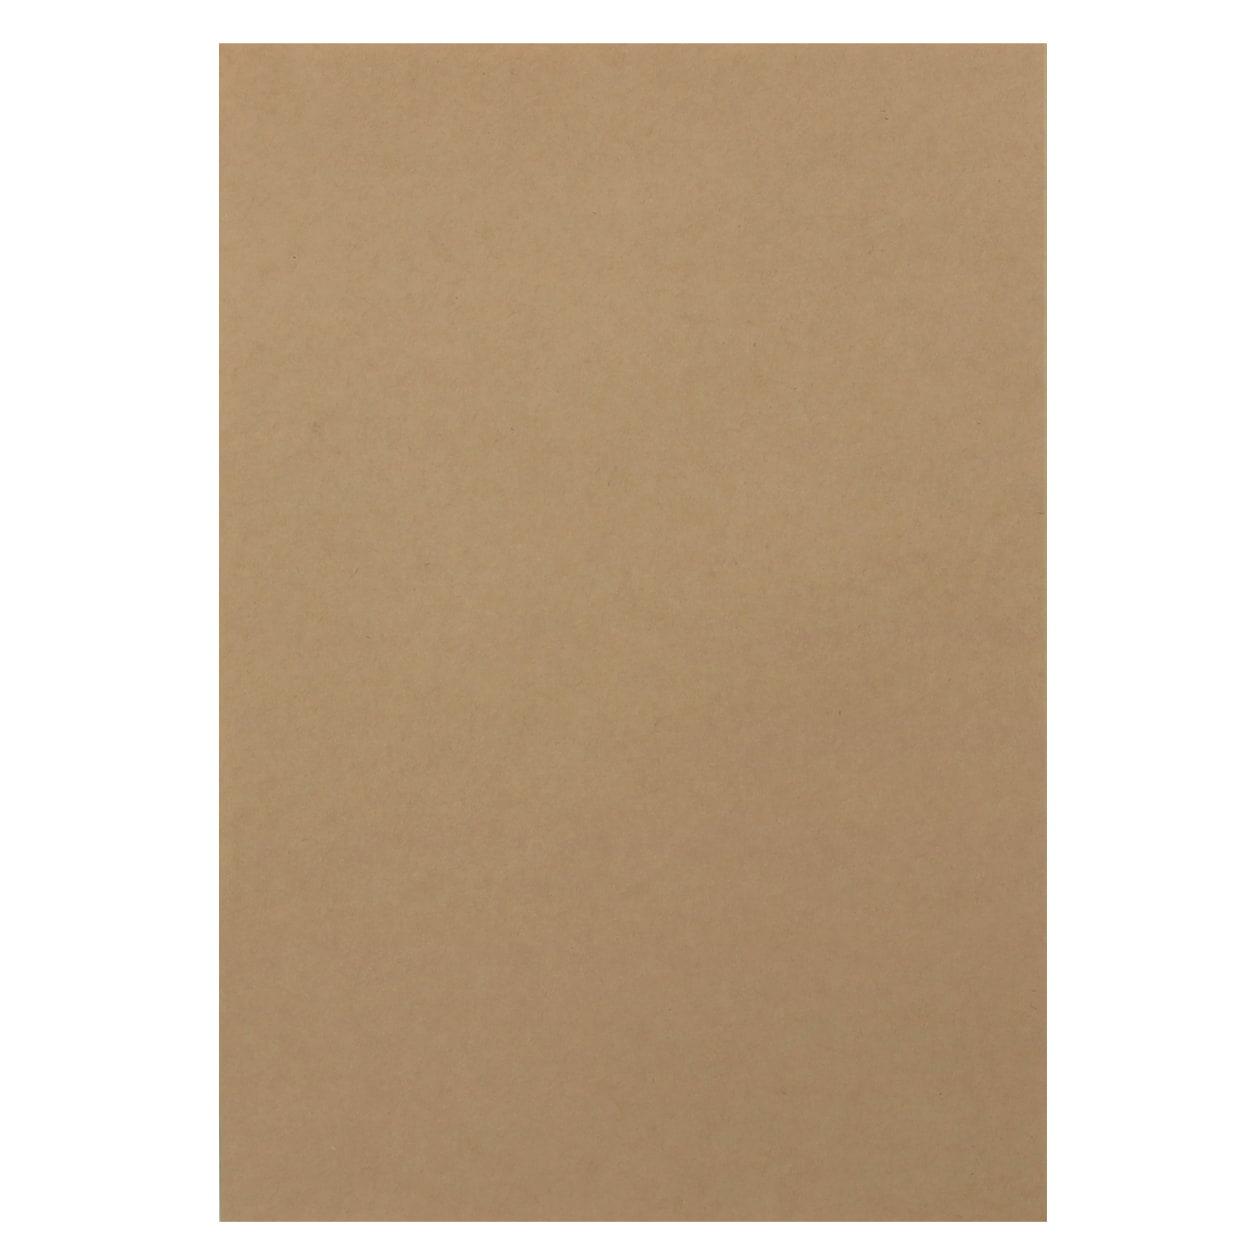 サンプル カード・シート 00370